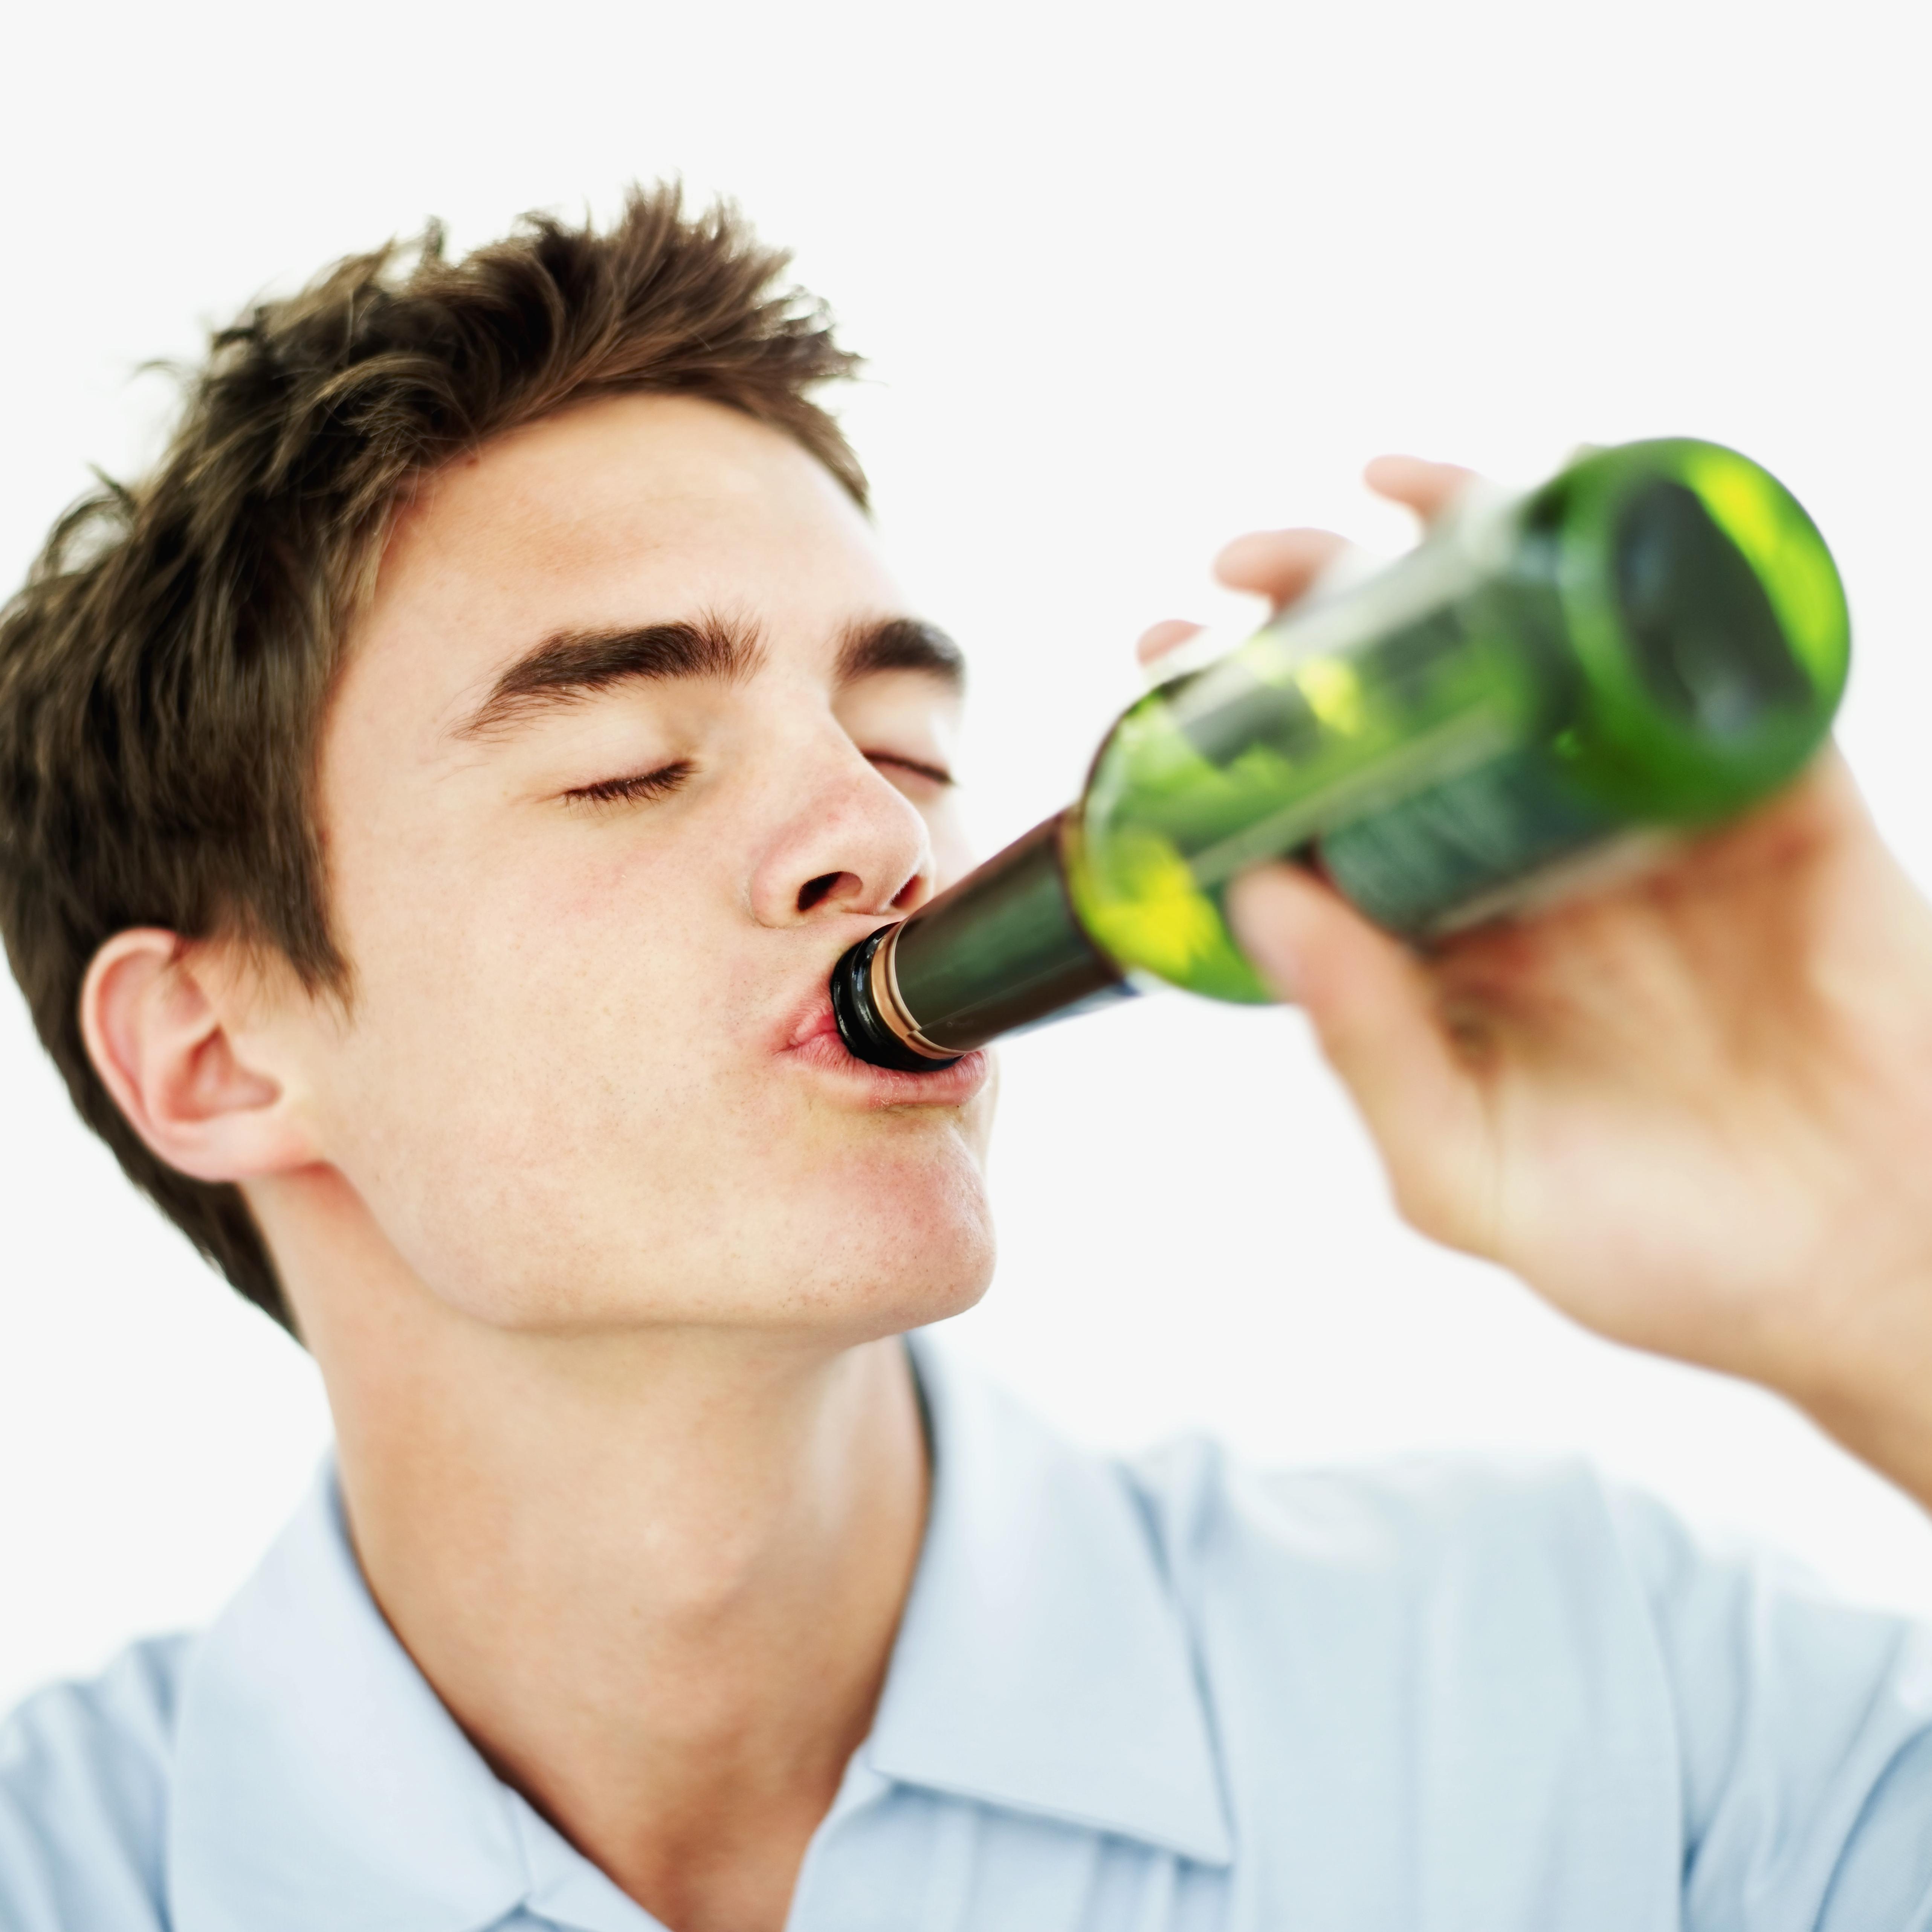 Álcool, Tabaco e Maconha Aumentam as Chances de Dupla Patologia  em Adolescentes